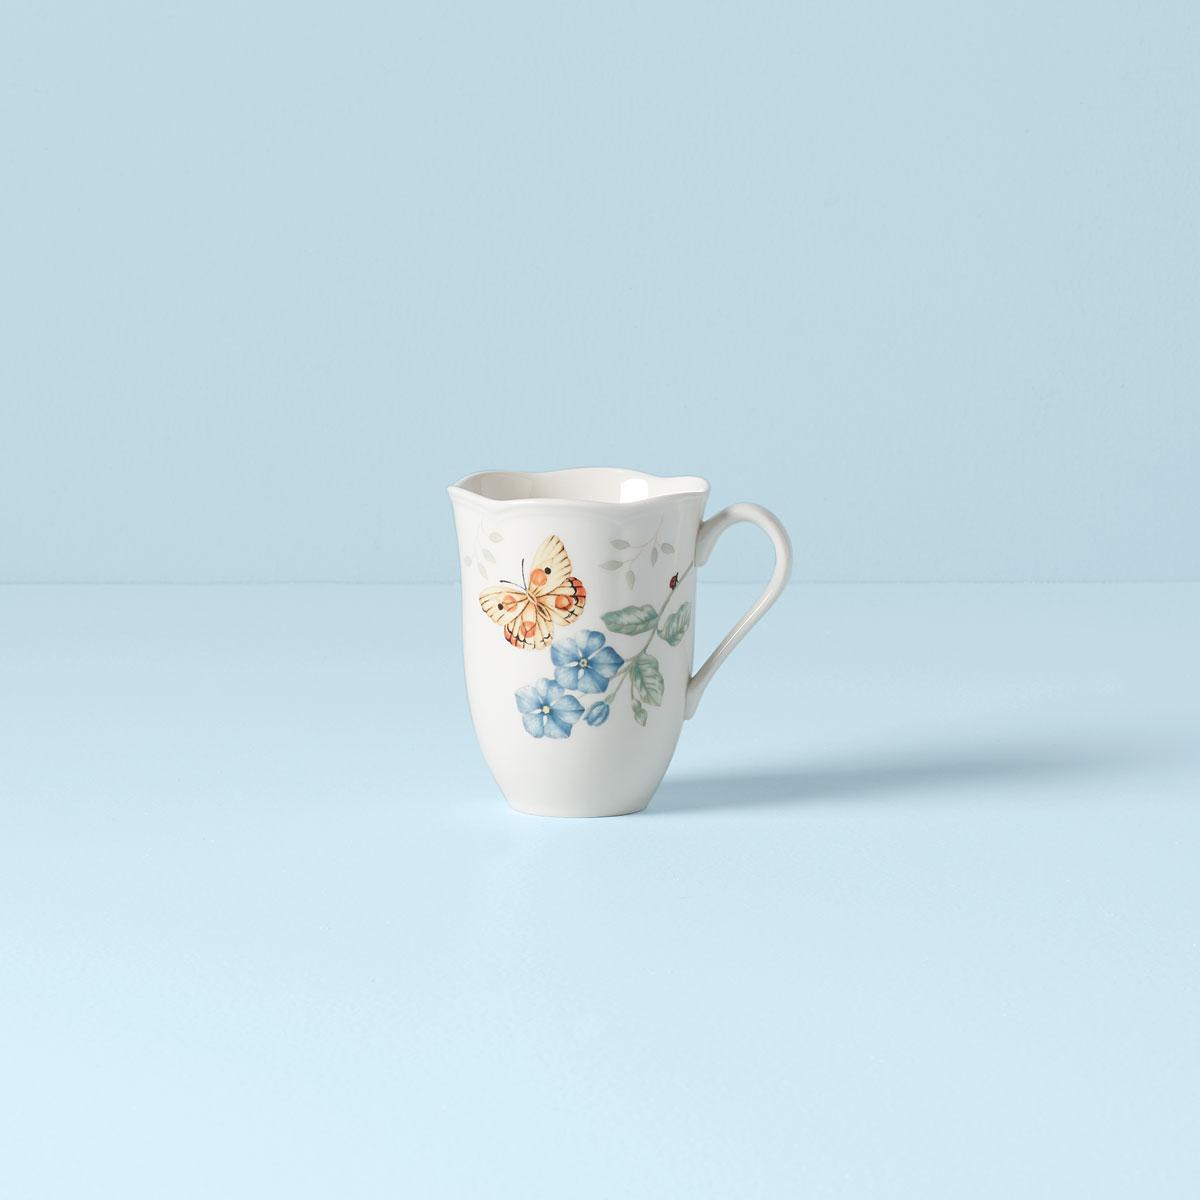 Lenox Butterfly Meadow Dinnerware Mug